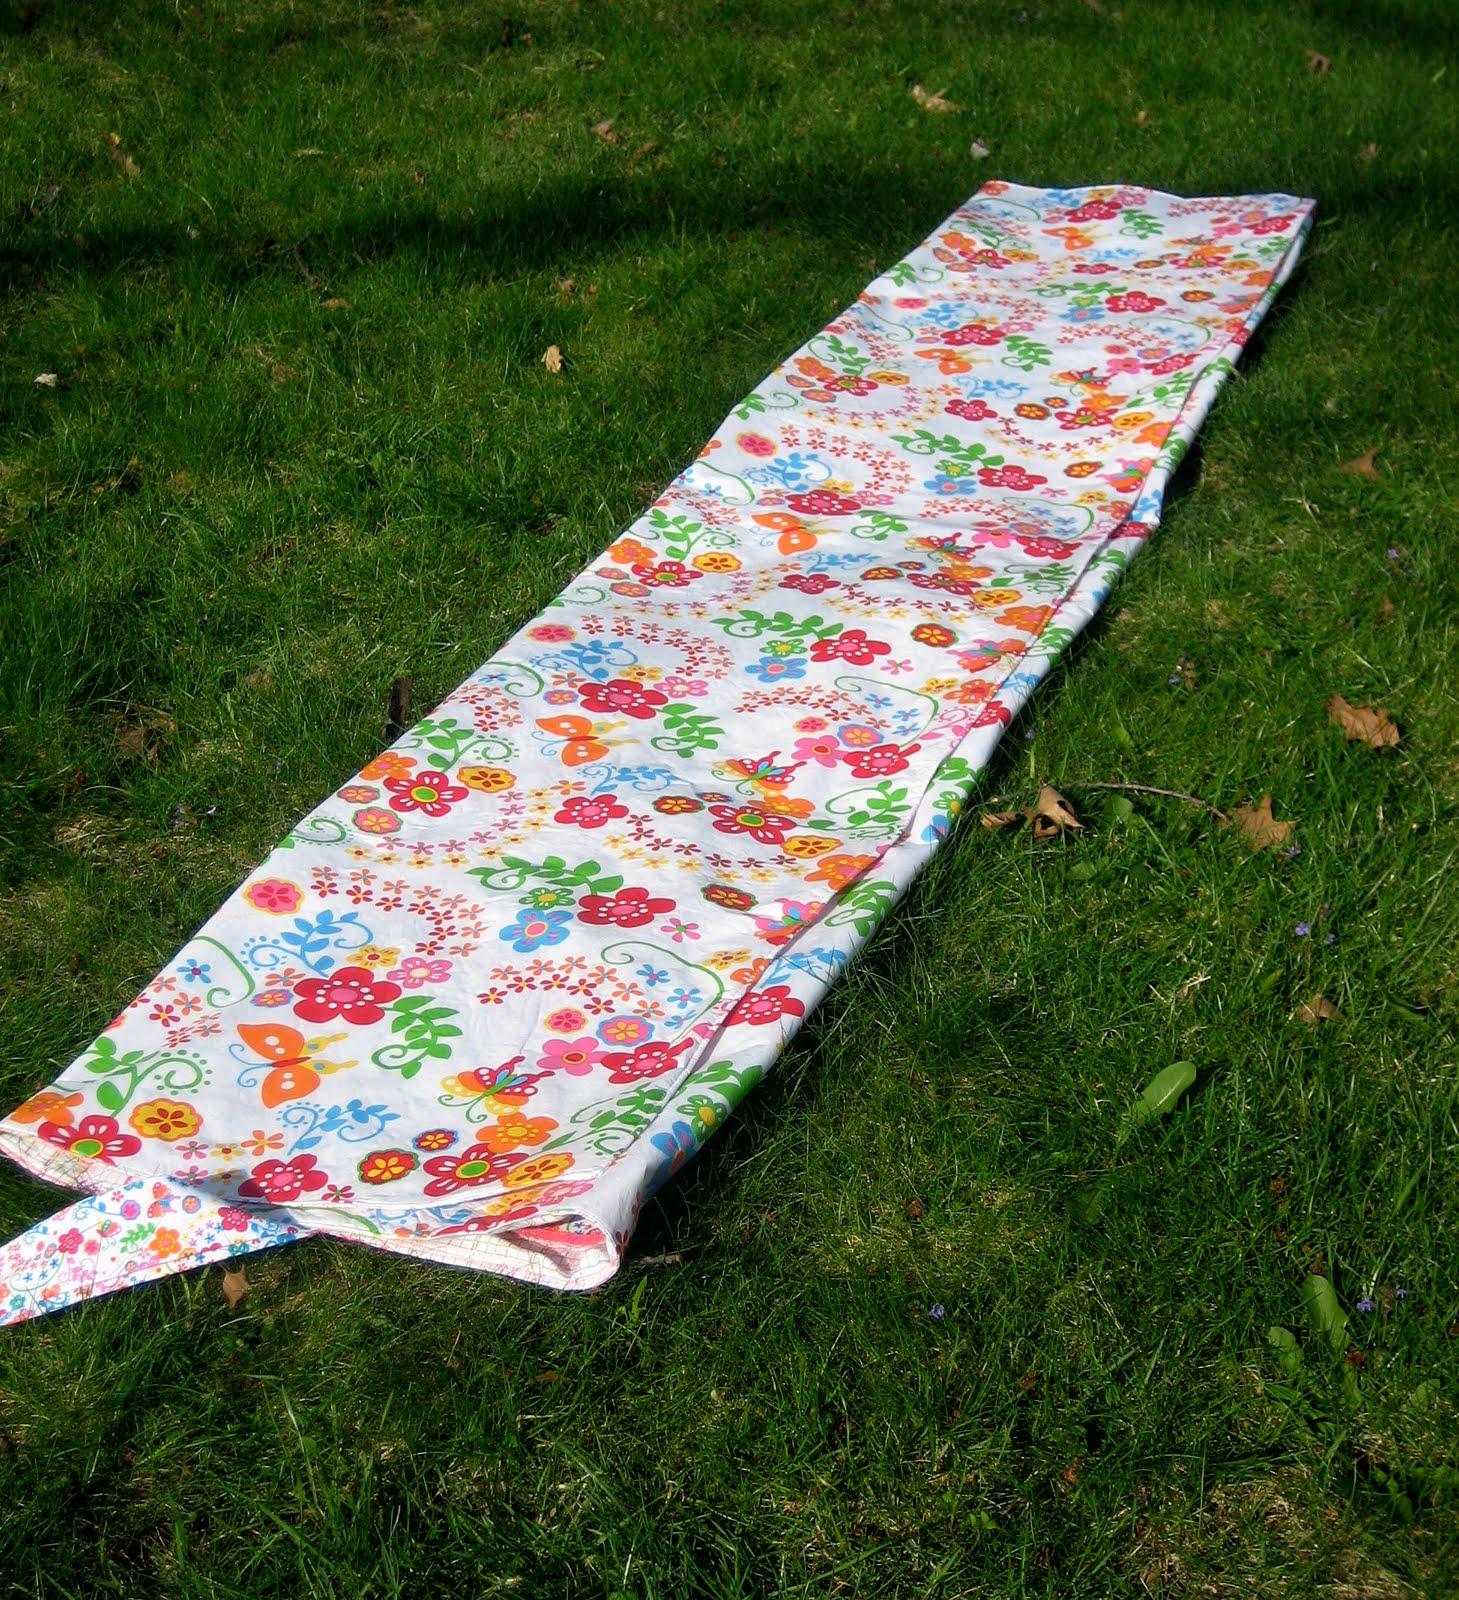 Picnic Blanket: Waterproof Picnic Blanket Tutorial